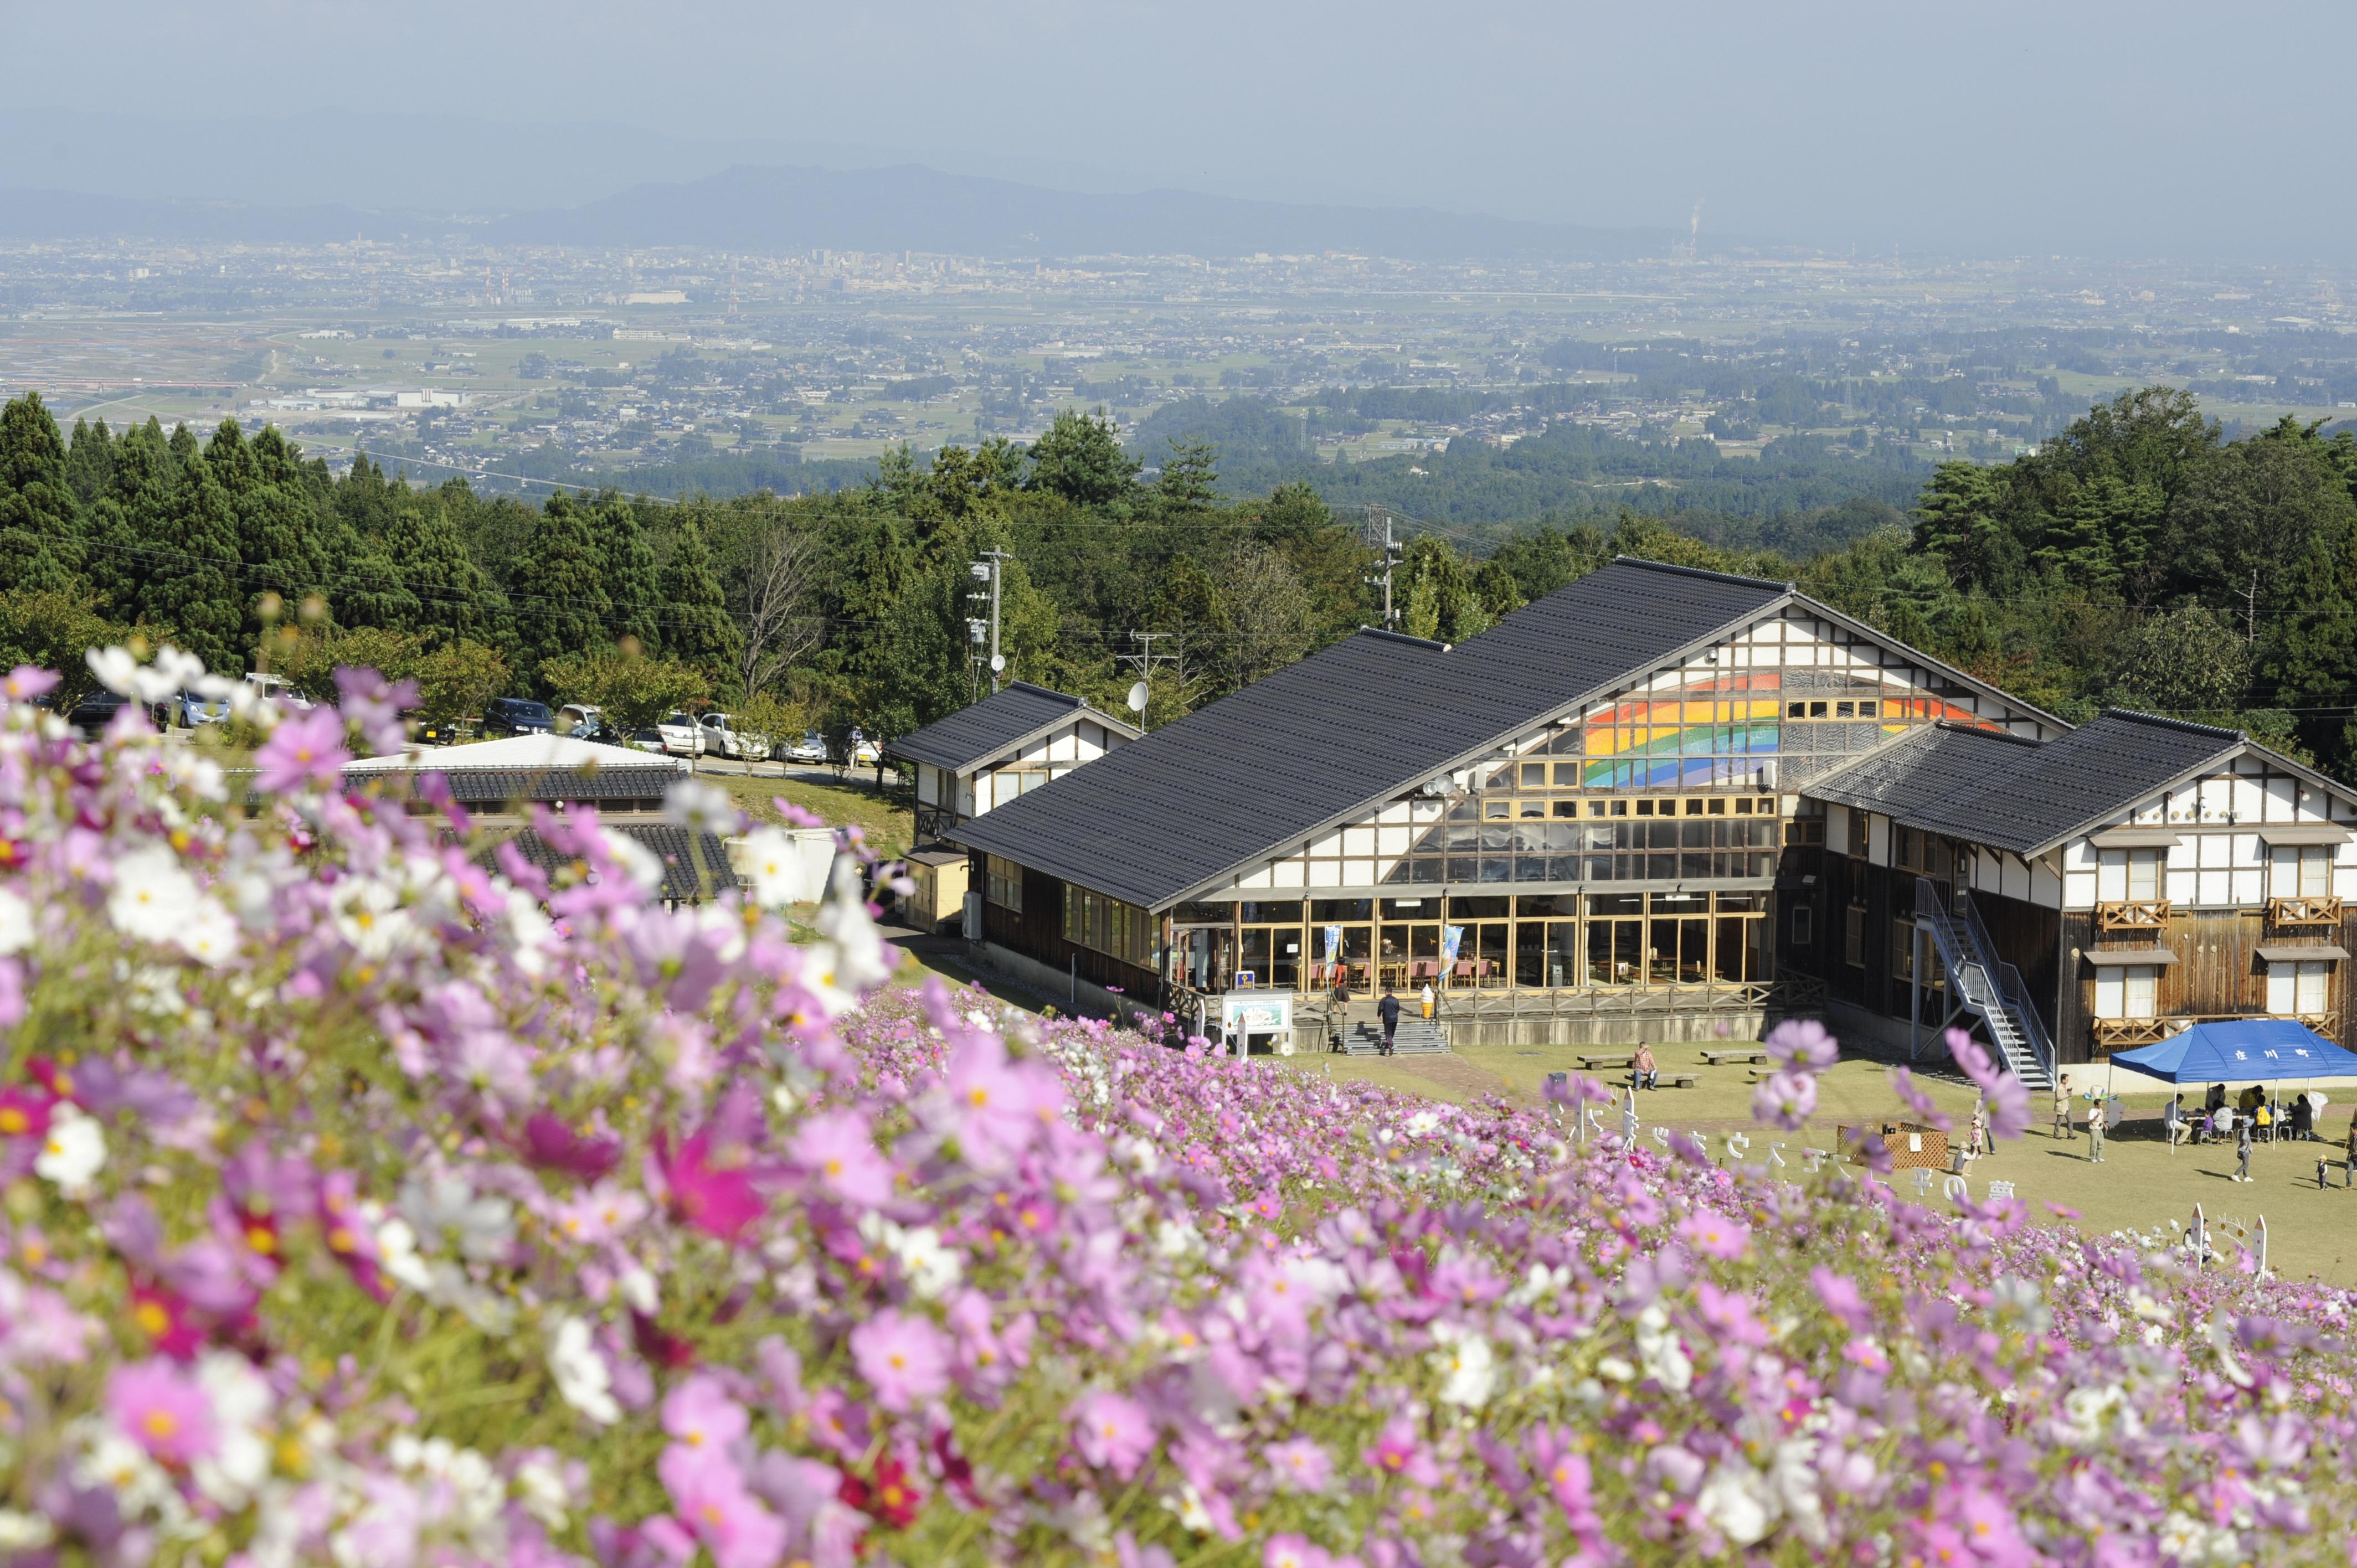 [Toyama] Tonami Yumenotaira Ski Resort